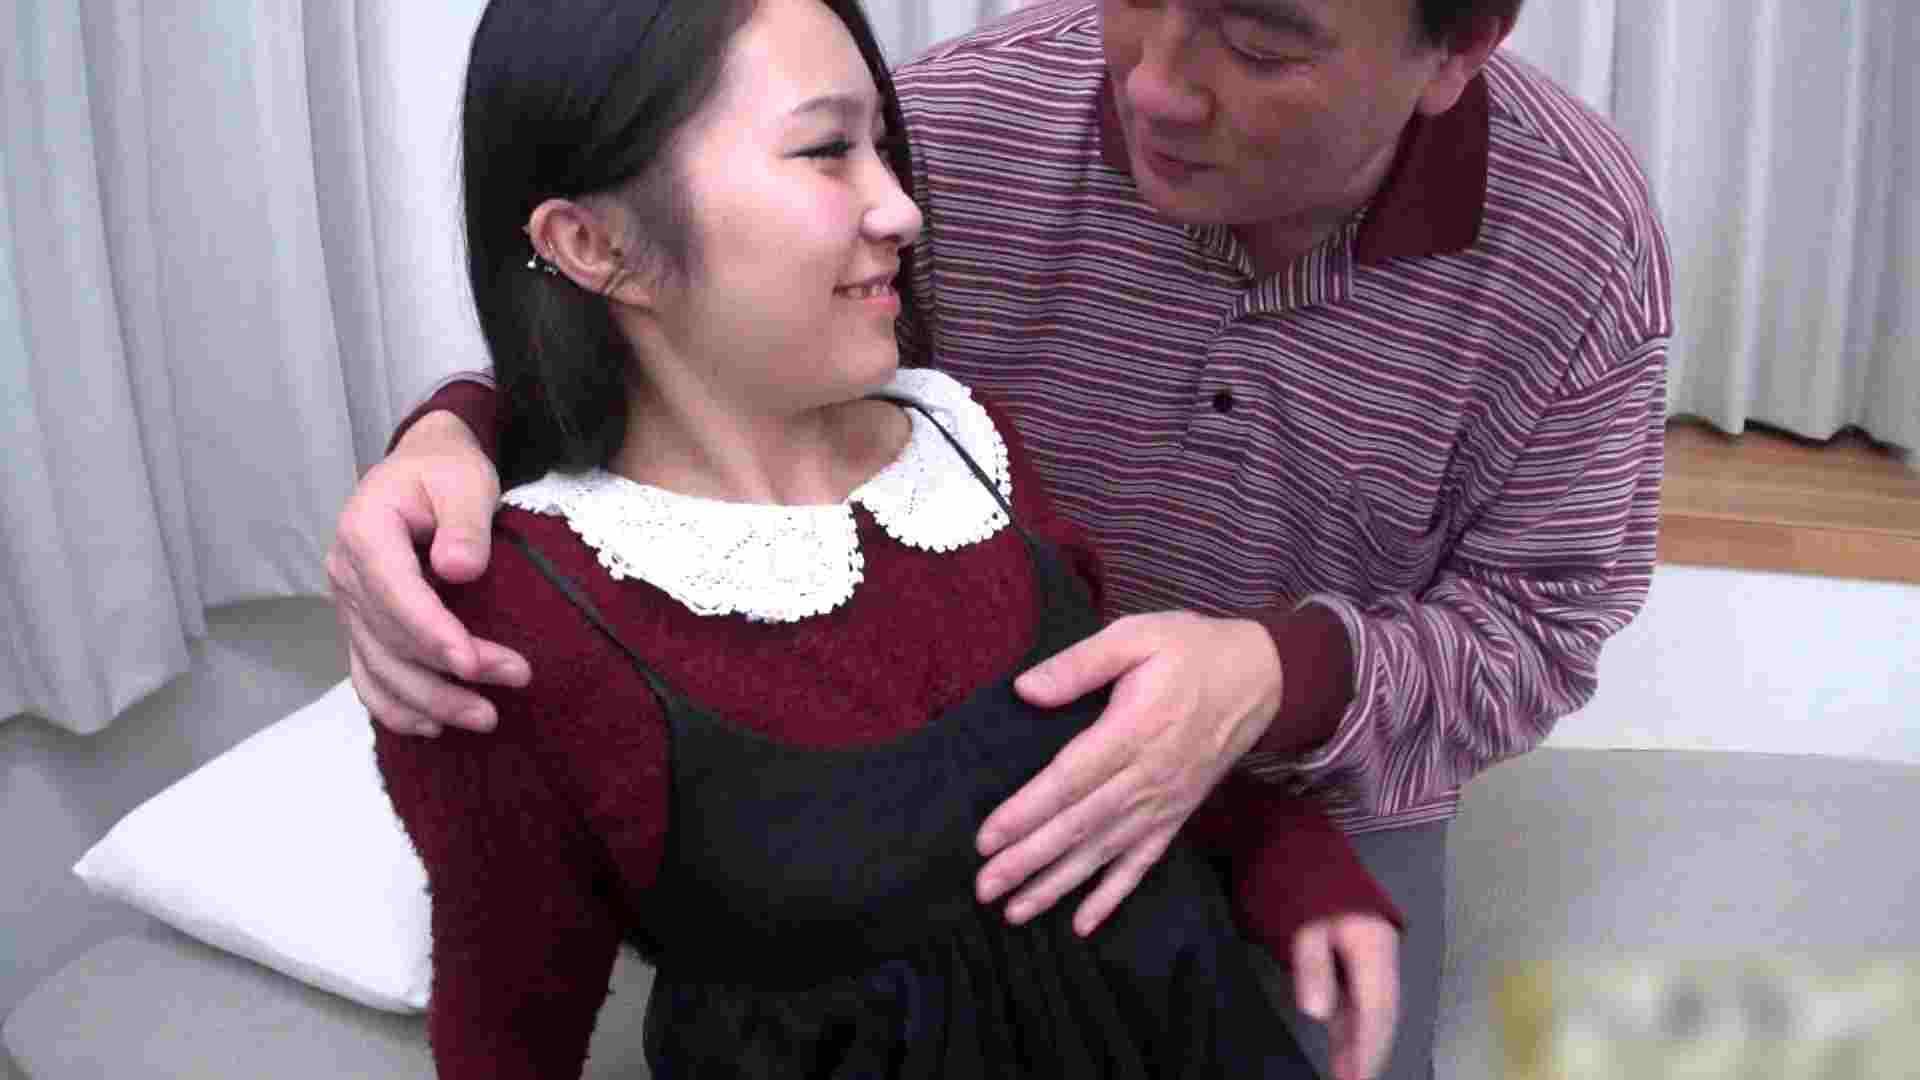 おしえてギャル子のH塾 Vol.12 前編 一般投稿 すけべAV動画紹介 106枚 18